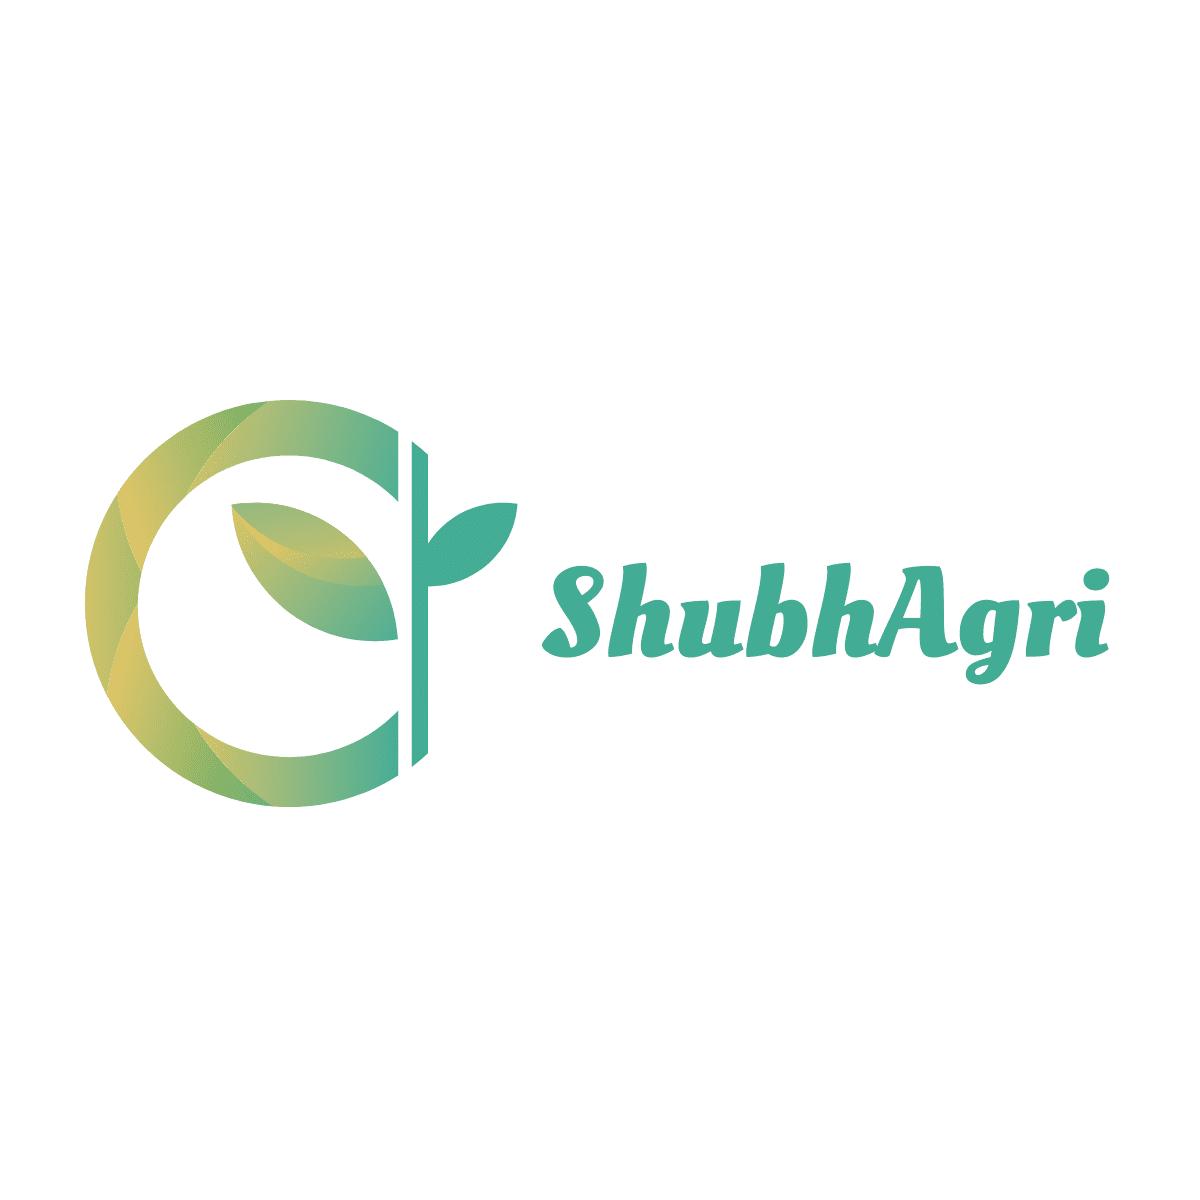 Shubhagri Exim